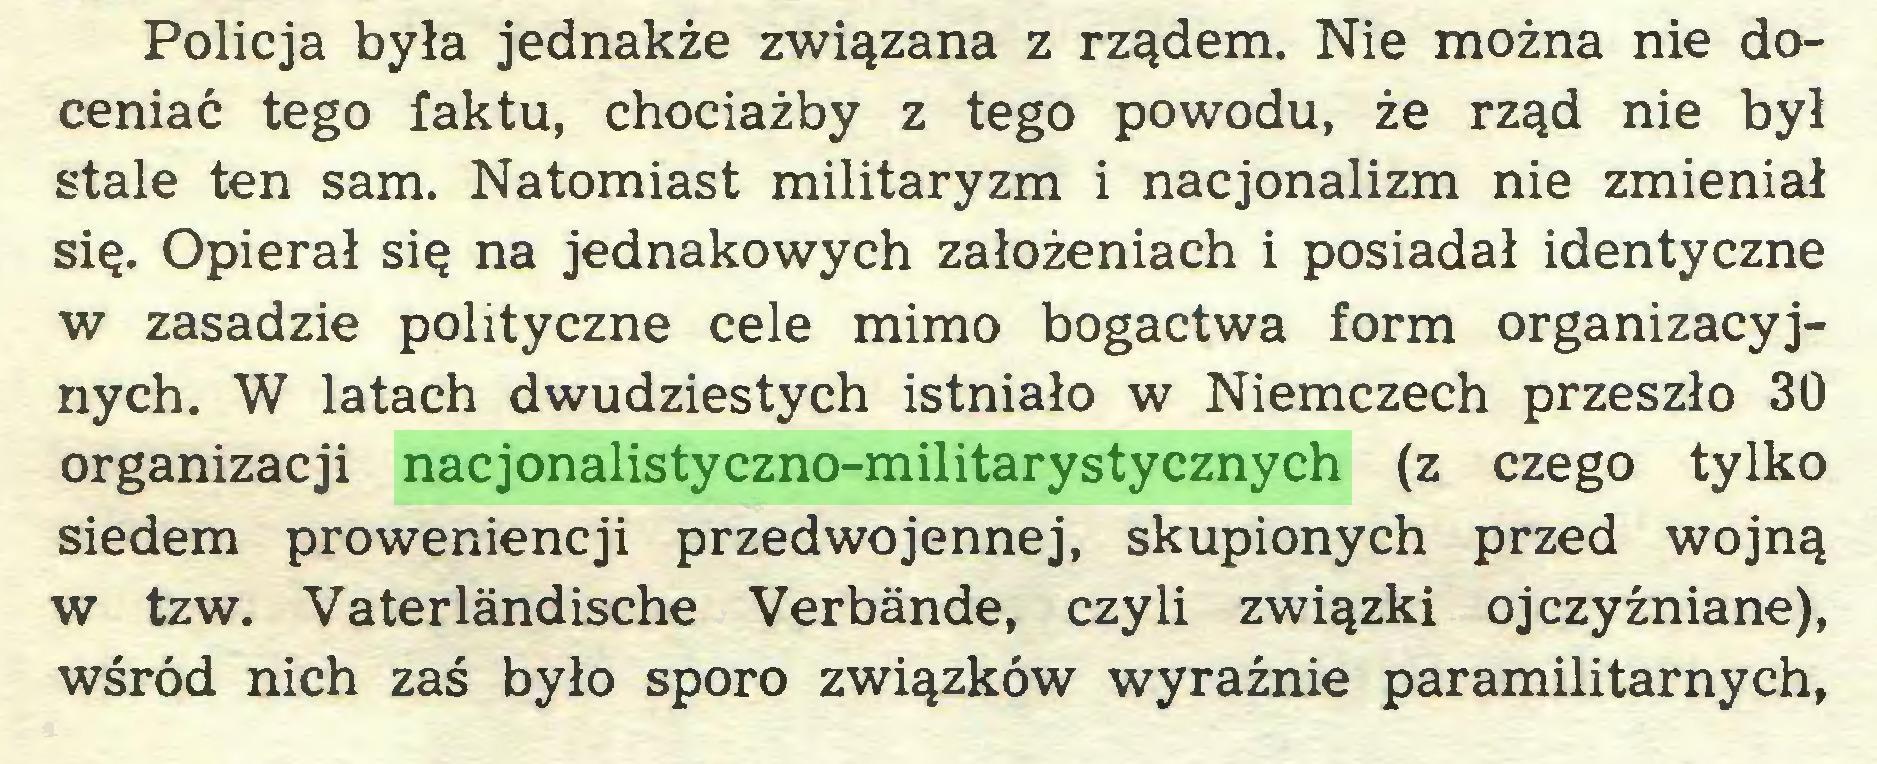 (...) Policja była jednakże związana z rządem. Nie można nie doceniać tego faktu, chociażby z tego powodu, że rząd nie był stale ten sam. Natomiast militaryzm i nacjonalizm nie zmieniał się. Opierał się na jednakowych założeniach i posiadał identyczne w zasadzie polityczne cele mimo bogactwa form organizacyjnych. W latach dwudziestych istniało w Niemczech przeszło 30 organizacji nacjonalistyczno-militarystycznych (z czego tylko siedem proweniencji przedwojennej, skupionych przed wojną w tzw. Vaterländische Verbände, czyli związki ojczyźniane), wśród nich zaś było sporo związków wyraźnie paramilitarnych,...